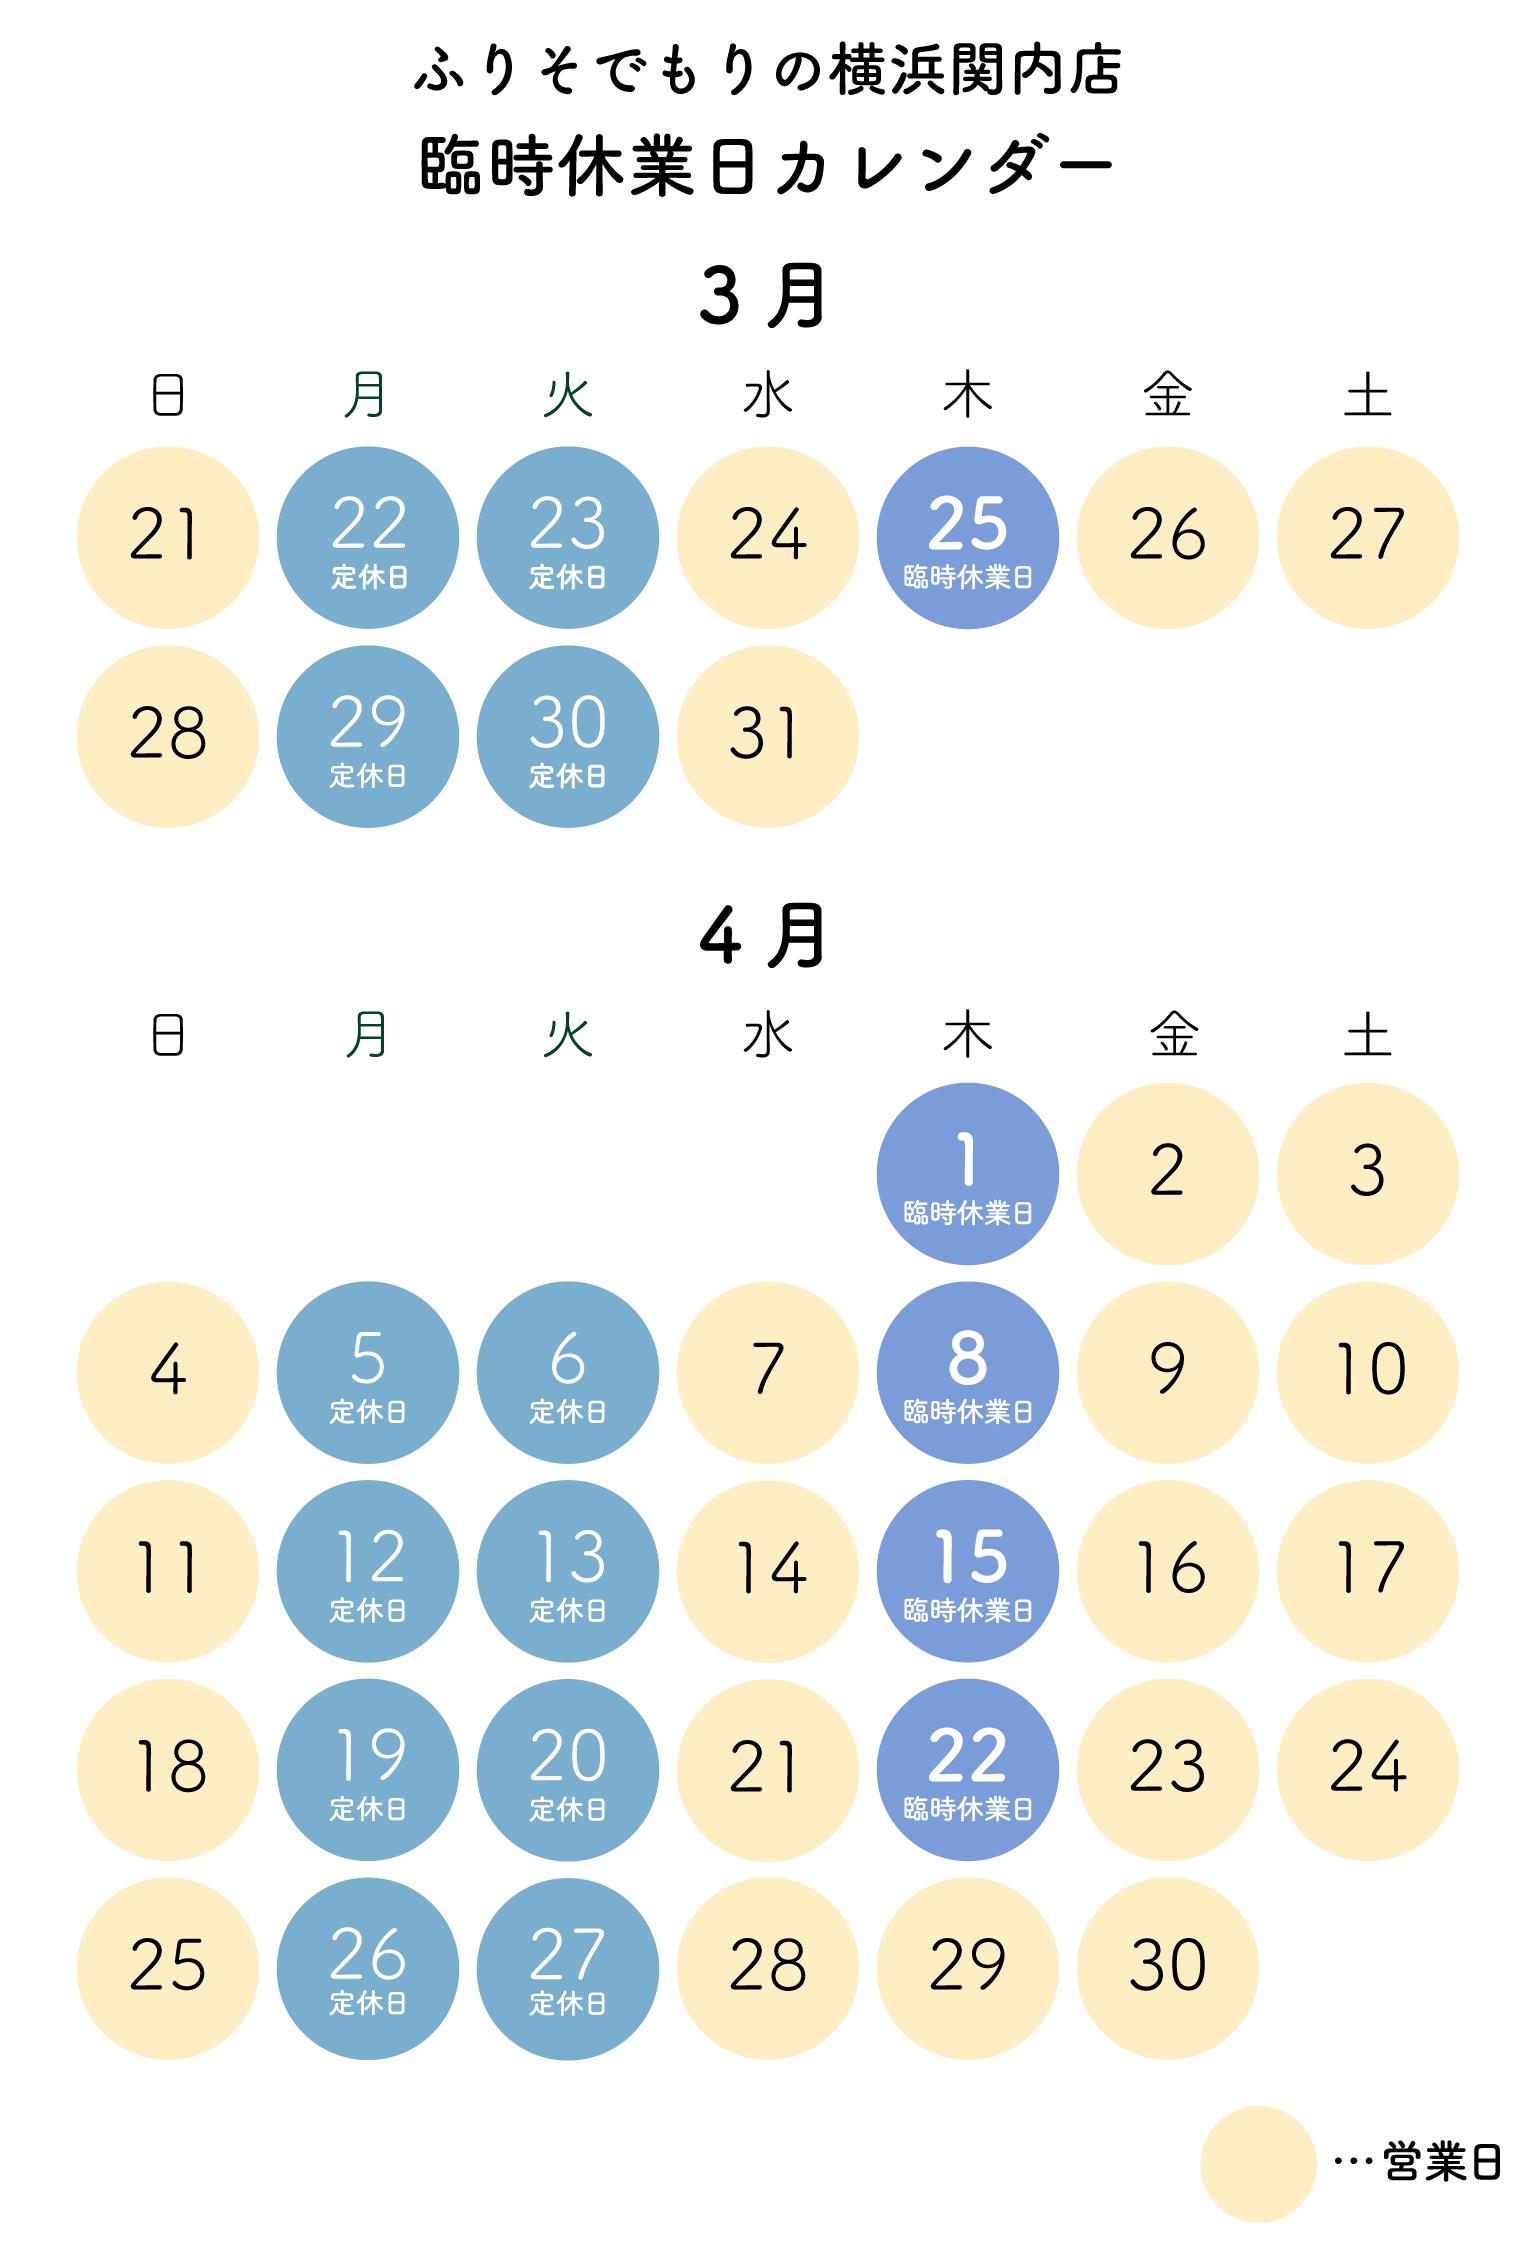 ふりそでもりの横浜関内店臨時休業日カレンダー